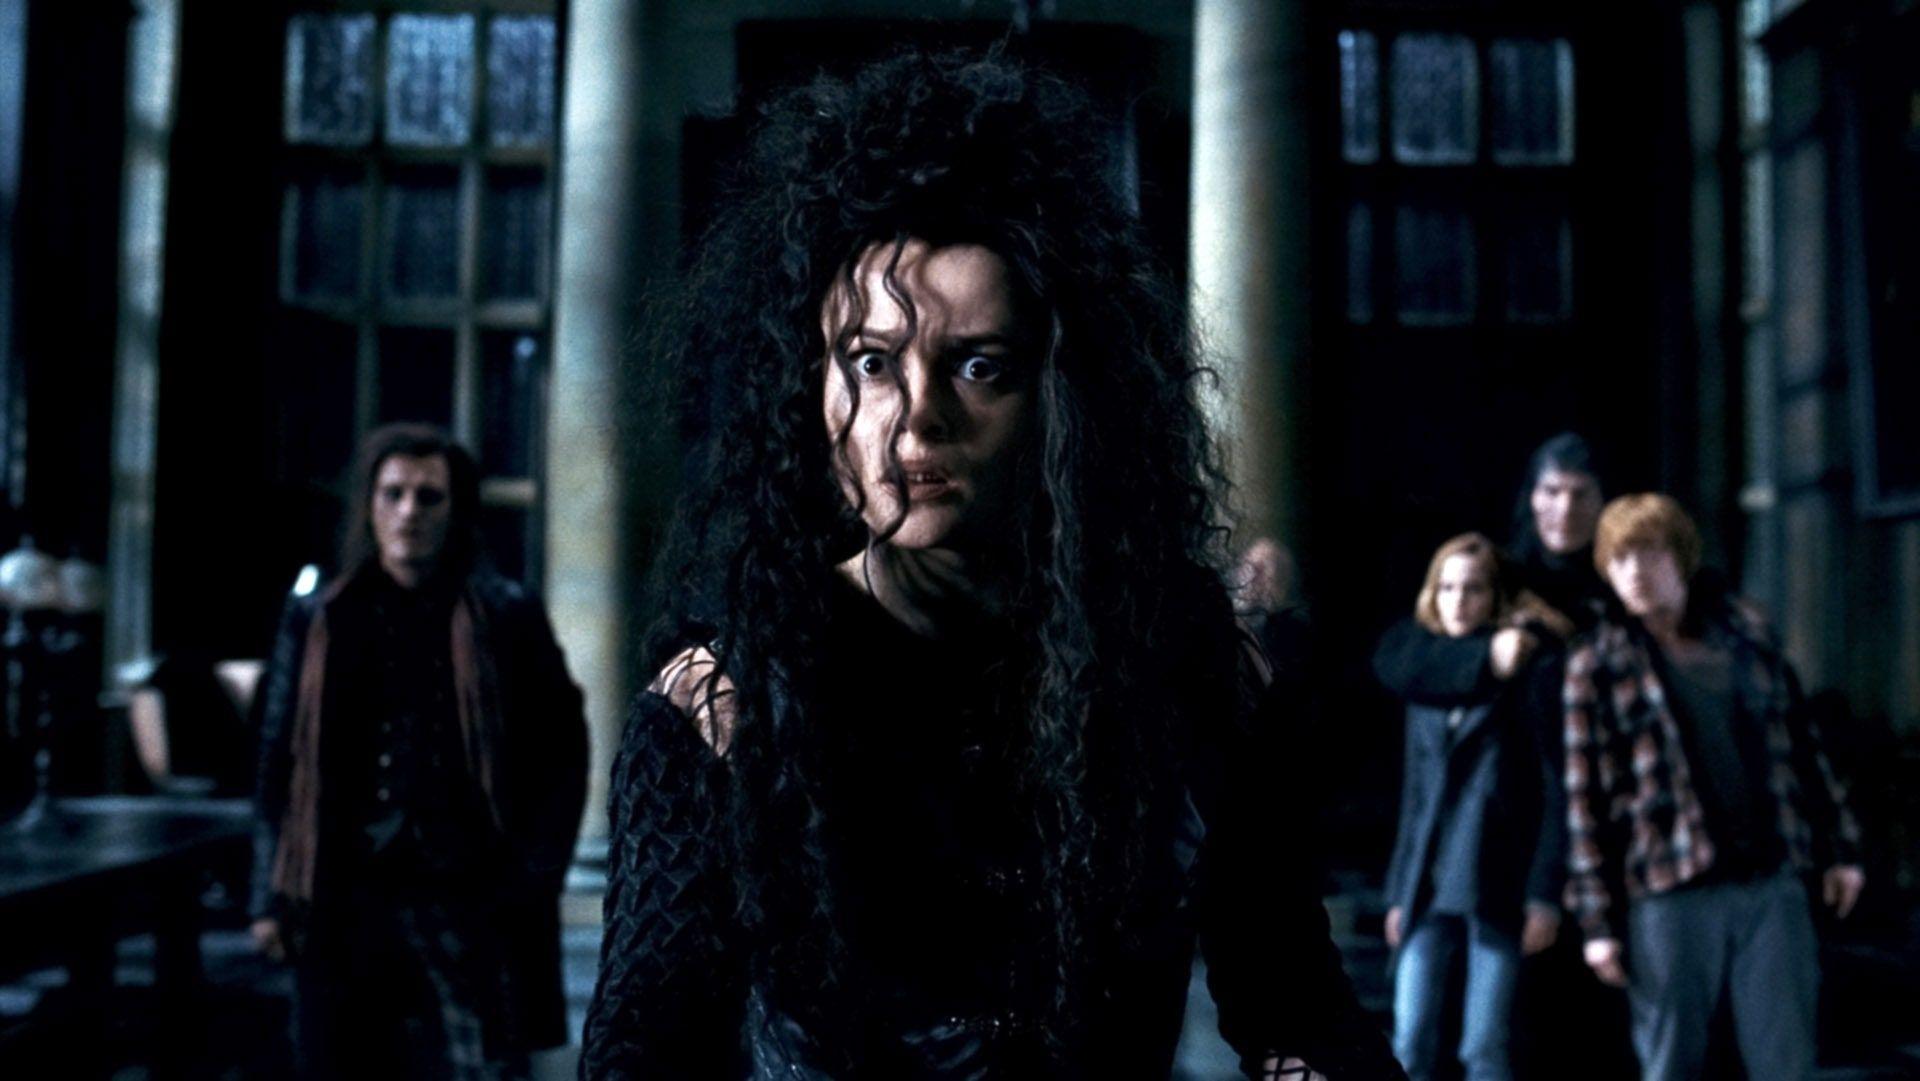 闇の帝王ヴォルデモートの忠実な従者 ベラトリックス レストレンジ 魅惑の女性ヴィランvol 4 2020 ヴォルデモート 死の秘宝 帝王